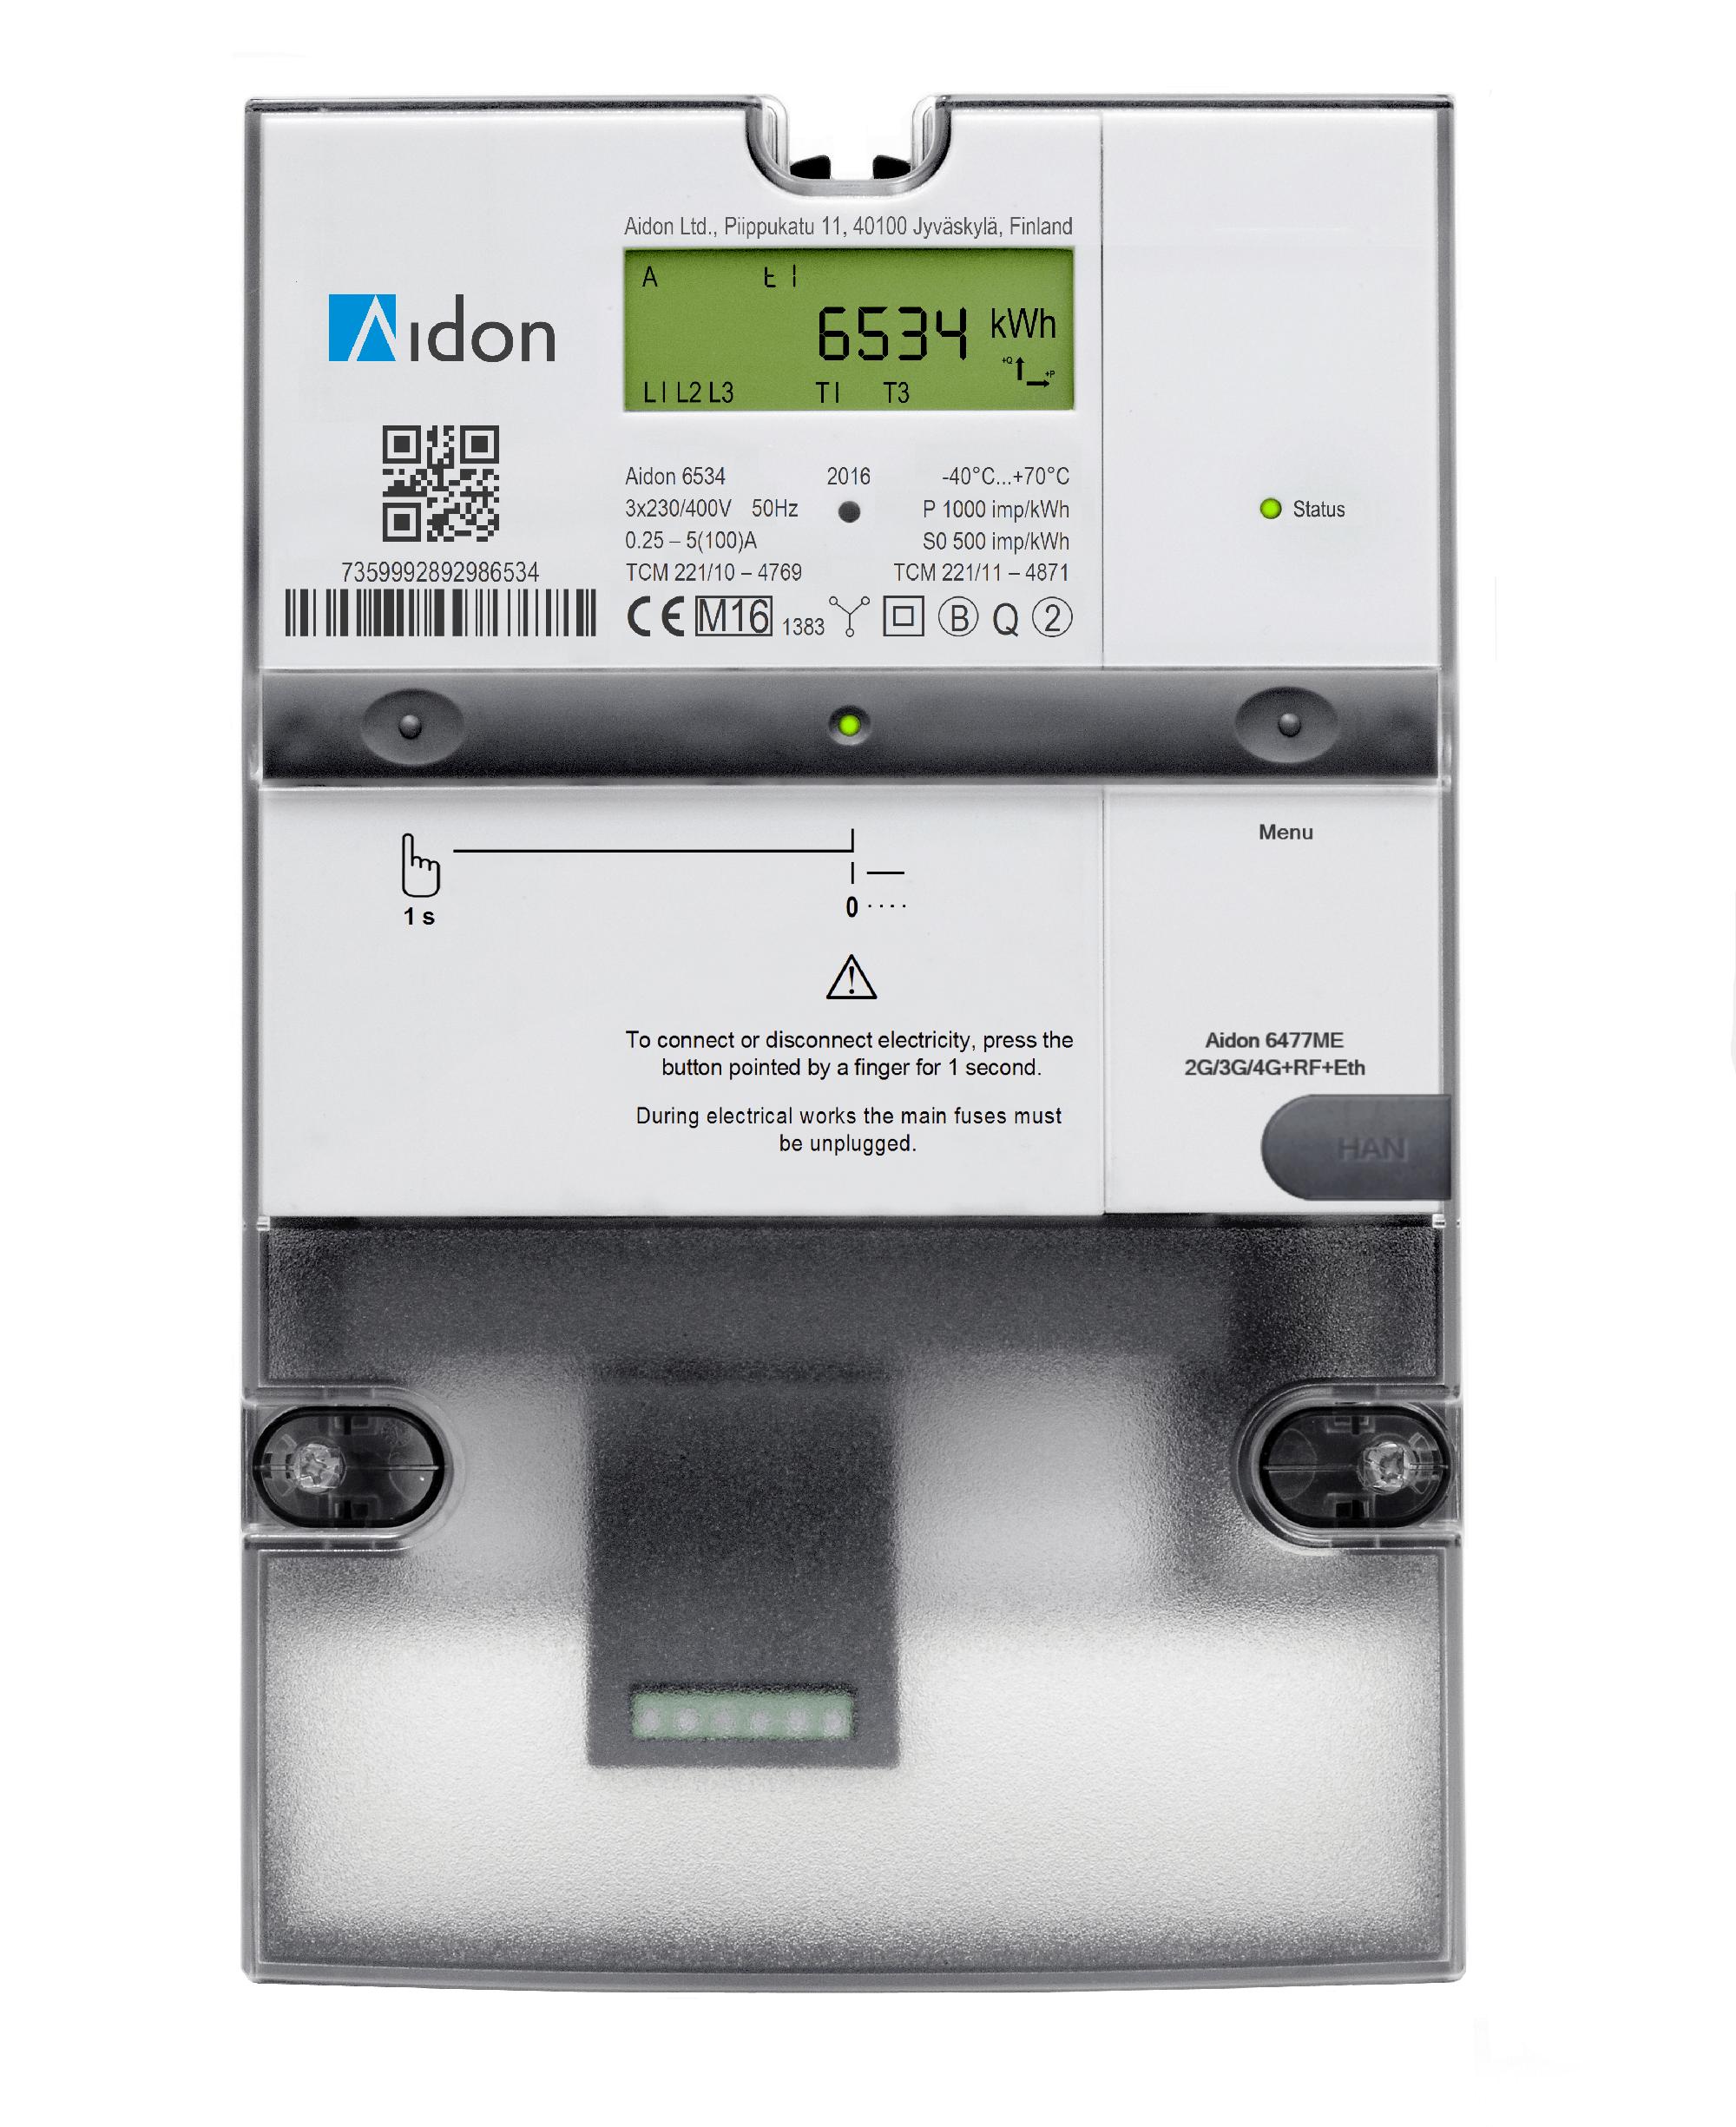 Bilde av en AMS strømmåler fra Aidon